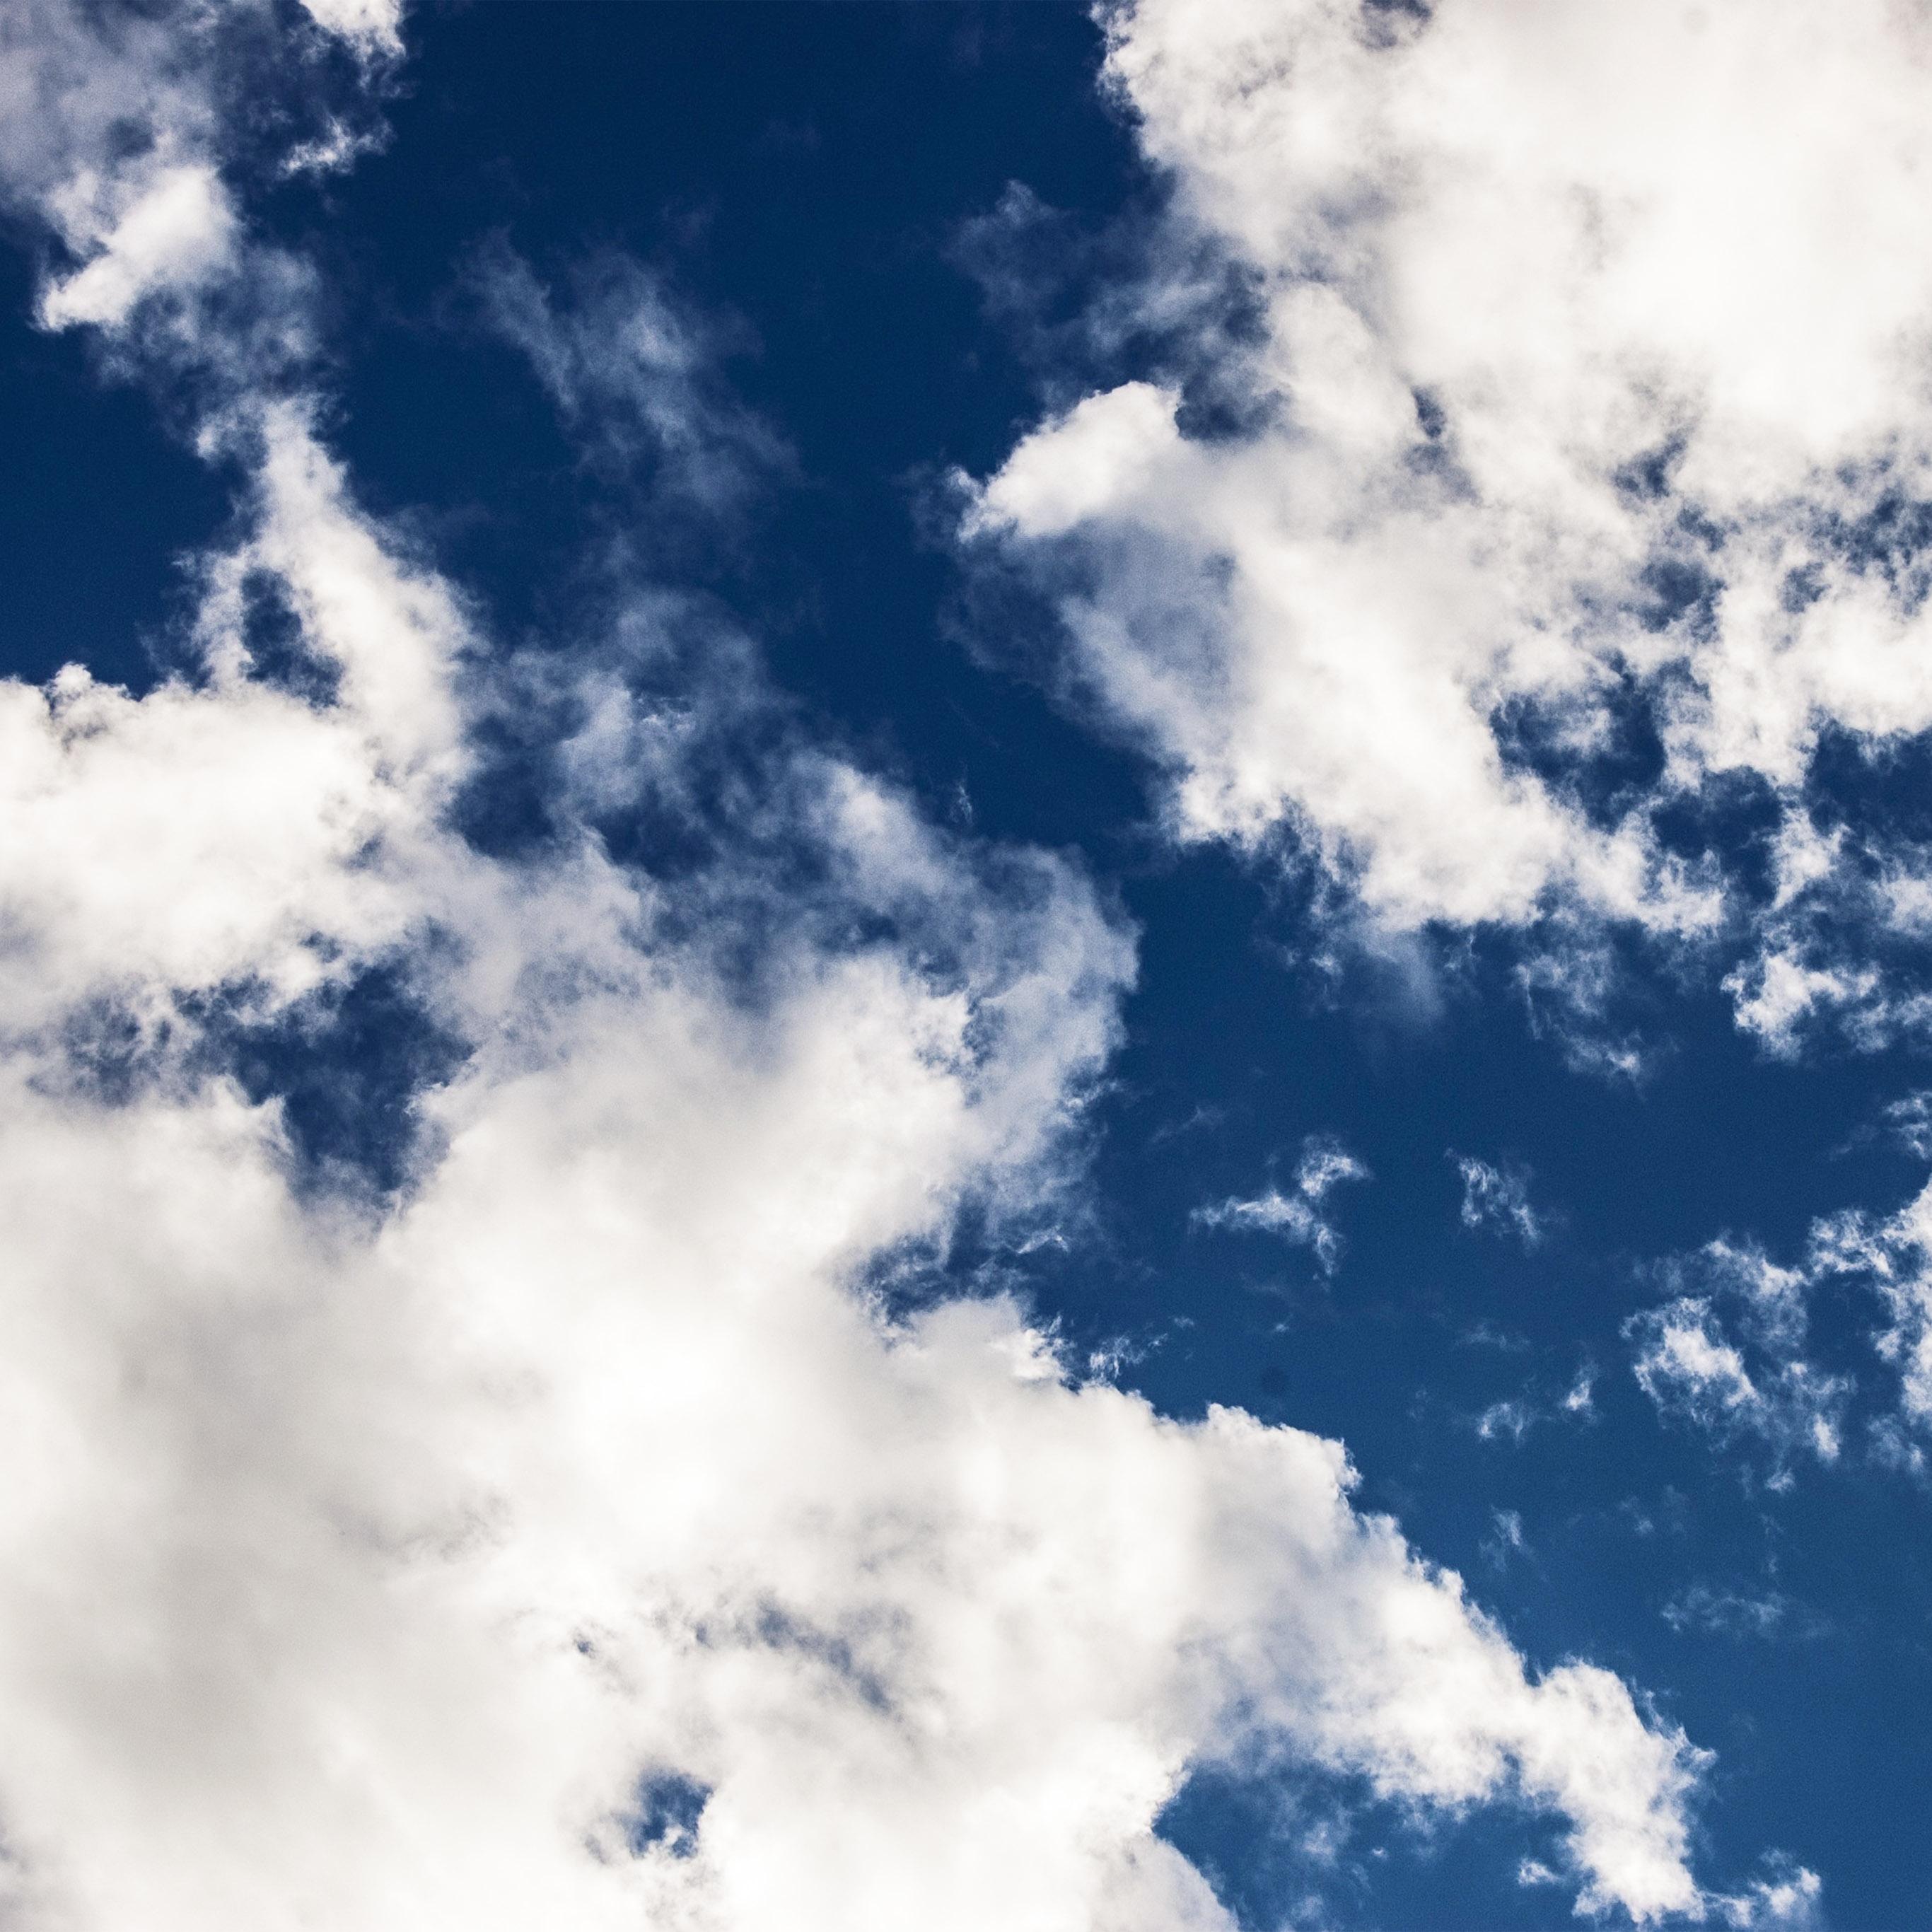 summer wallpaper iphone idownloadblog clouds blue sky